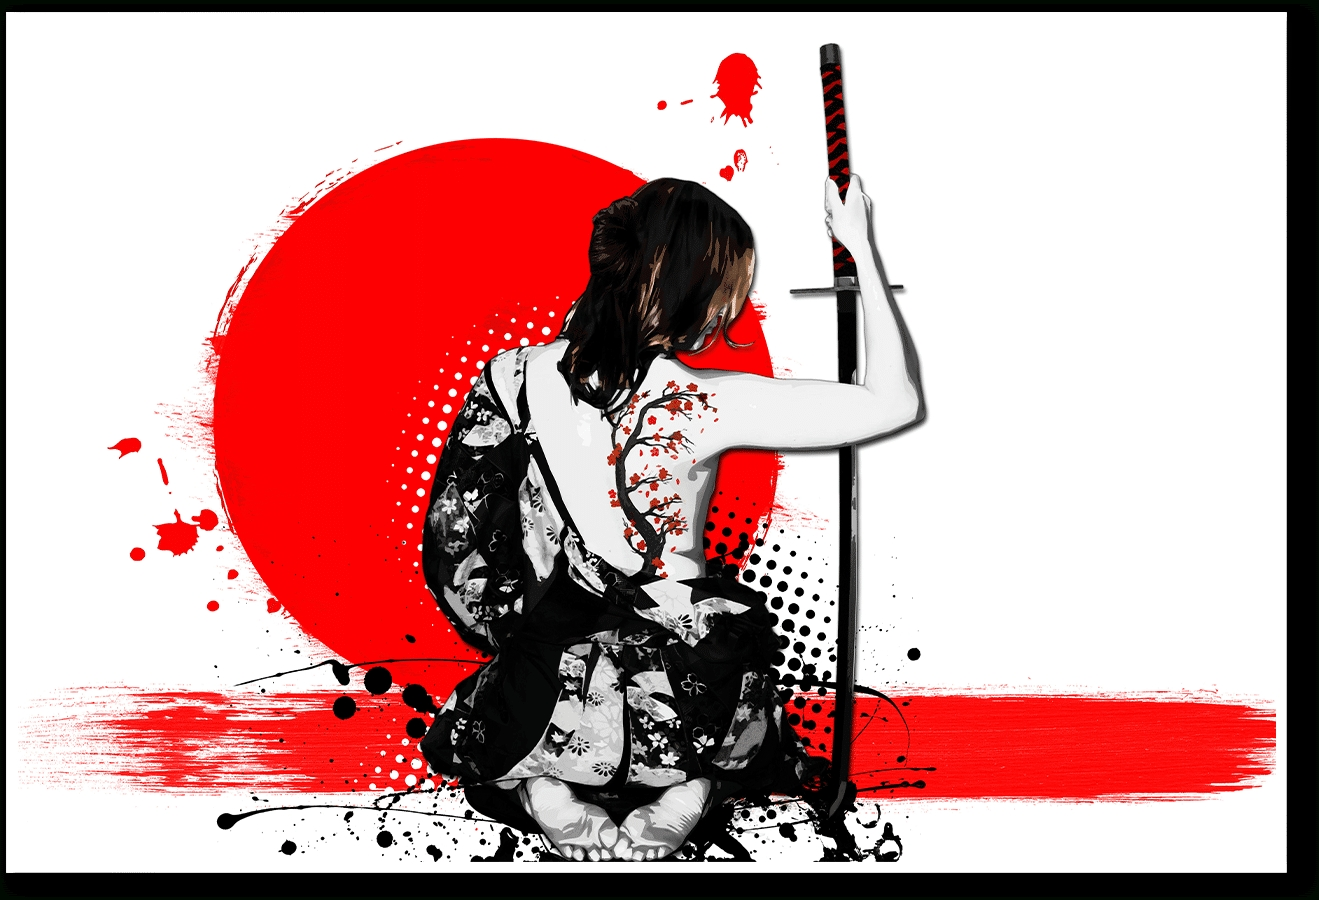 Wall Sticker Online Shopping 20 Best Ideas Samurai Wall Art Wall Art Ideas